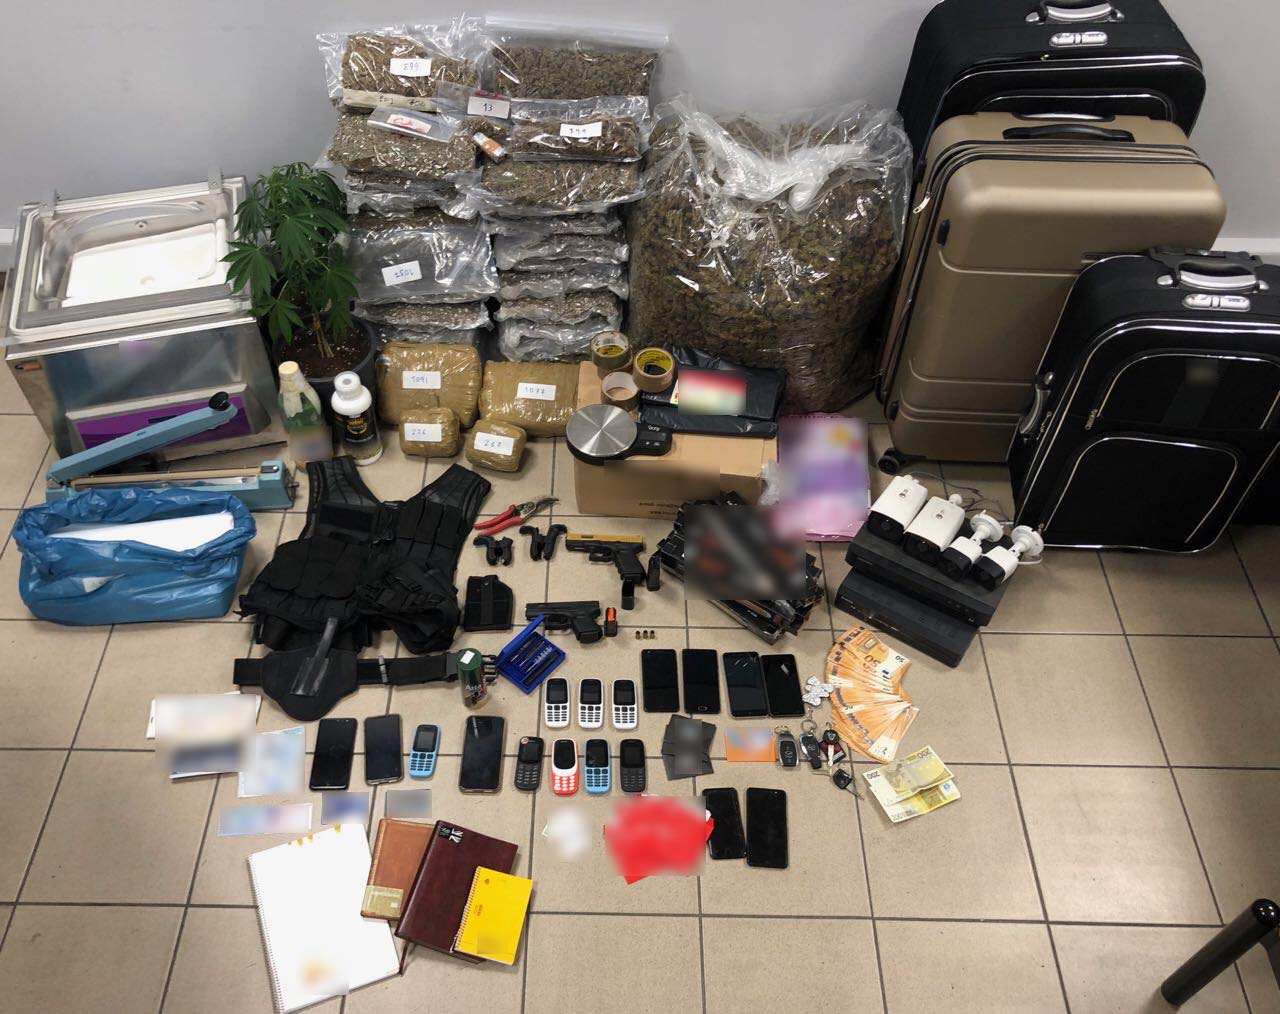 Θεσσαλονίκη: Συνελήφθησαν μεγαλέμποροι ναρκωτικών